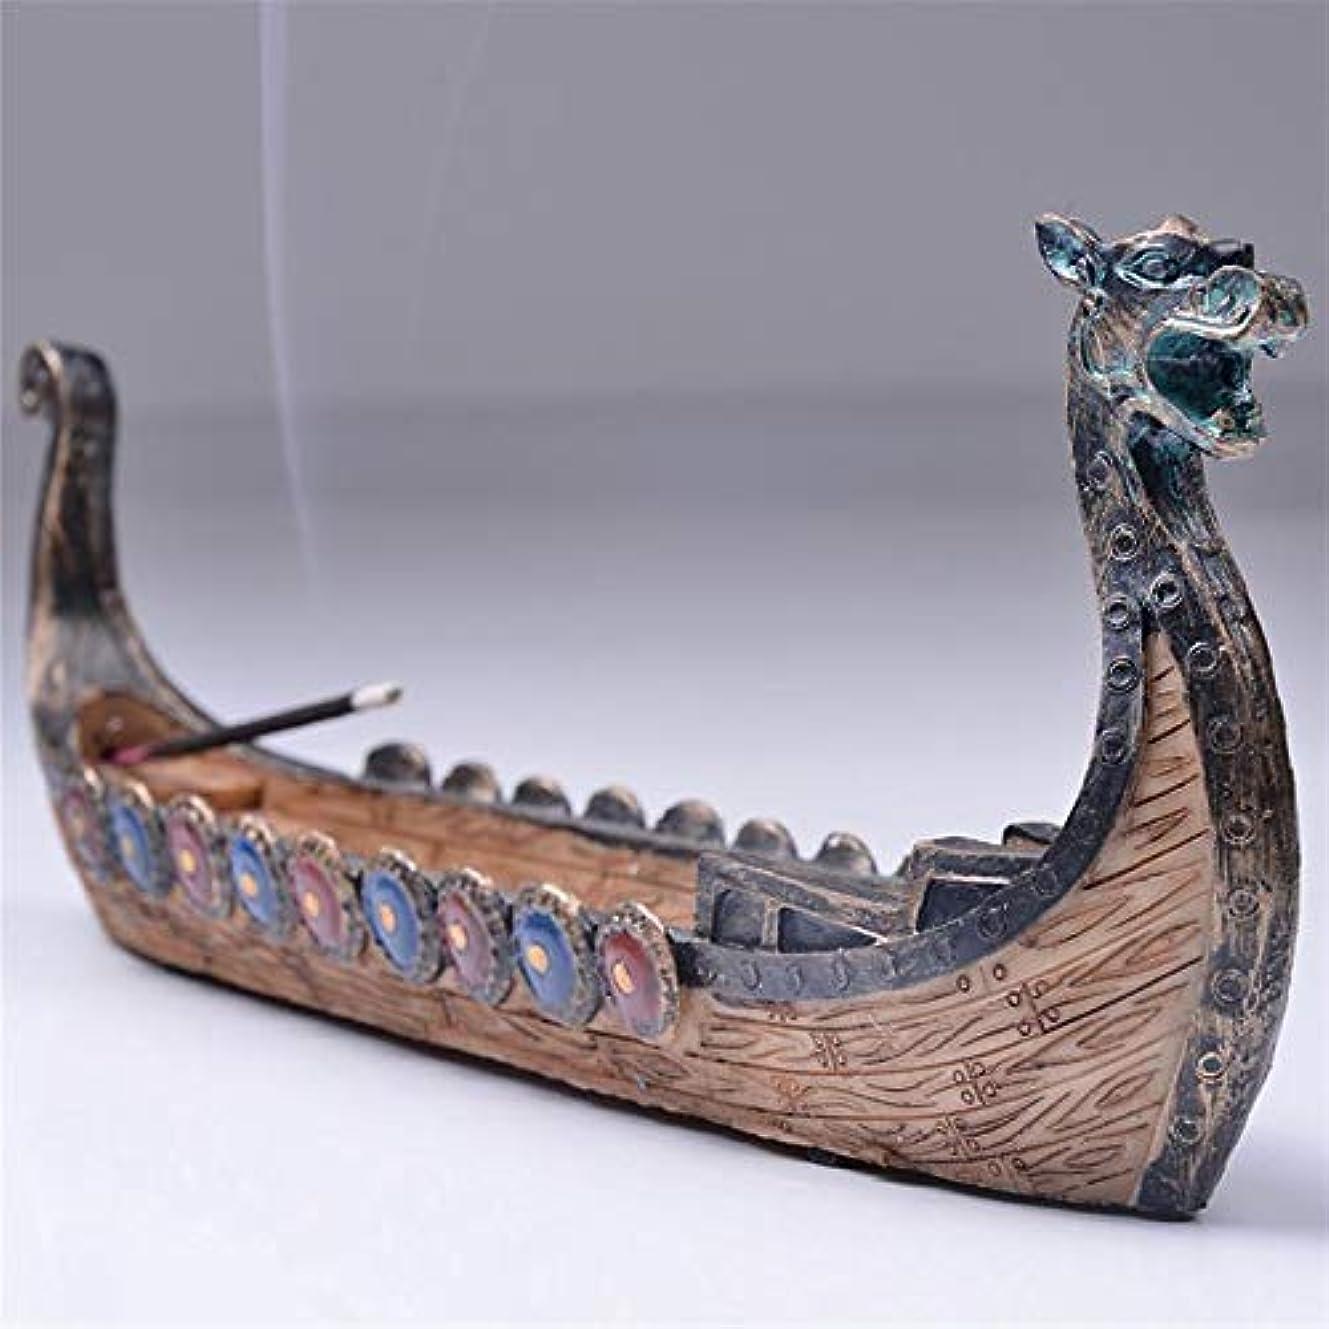 ストレスラッシュこしょうOchoos ドラゴンボート 線香ホルダー バーナー 手彫り 彫刻 香炉 オーナメント レトロ 香炉 伝統的デザイン #SW